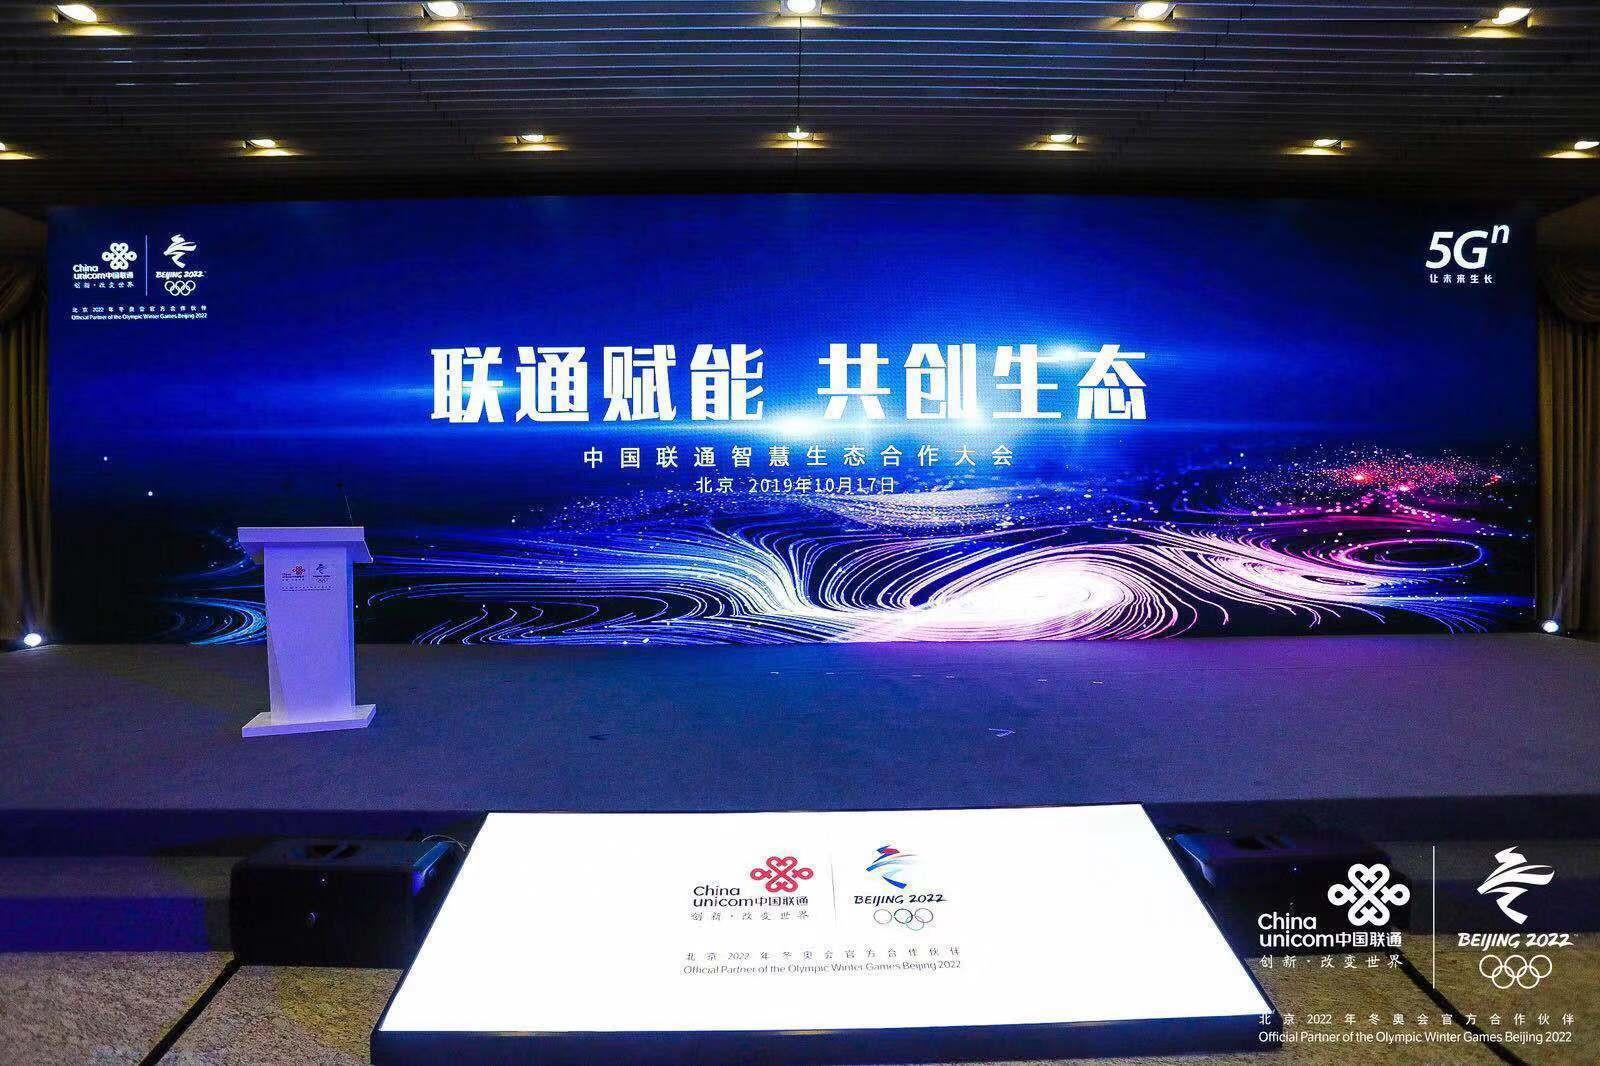 王晓初:5G将引发产业升级与生态重构